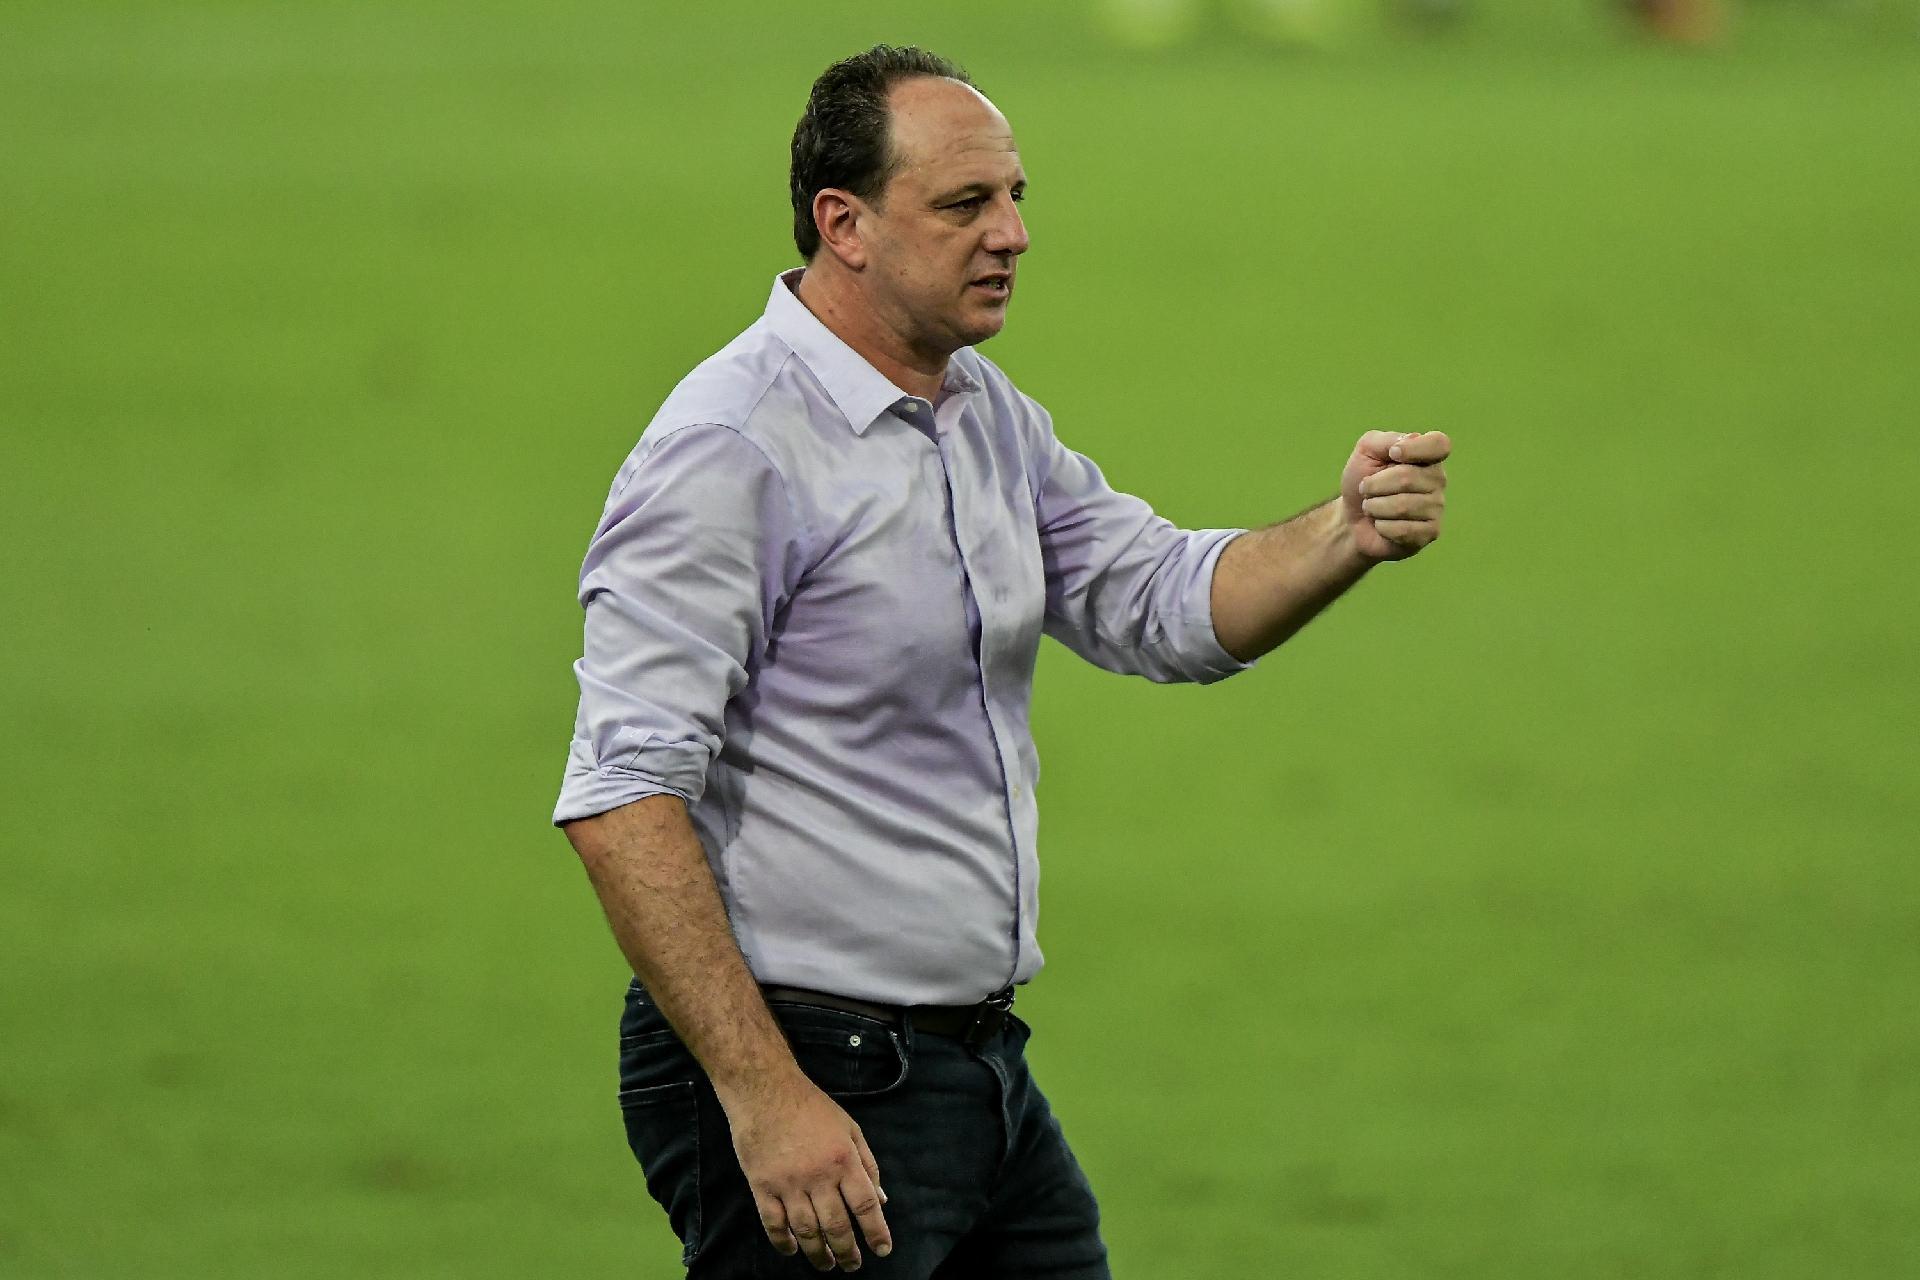 Flamengo precisa de uma reformulação criteriosa no elenco, diz jornalista